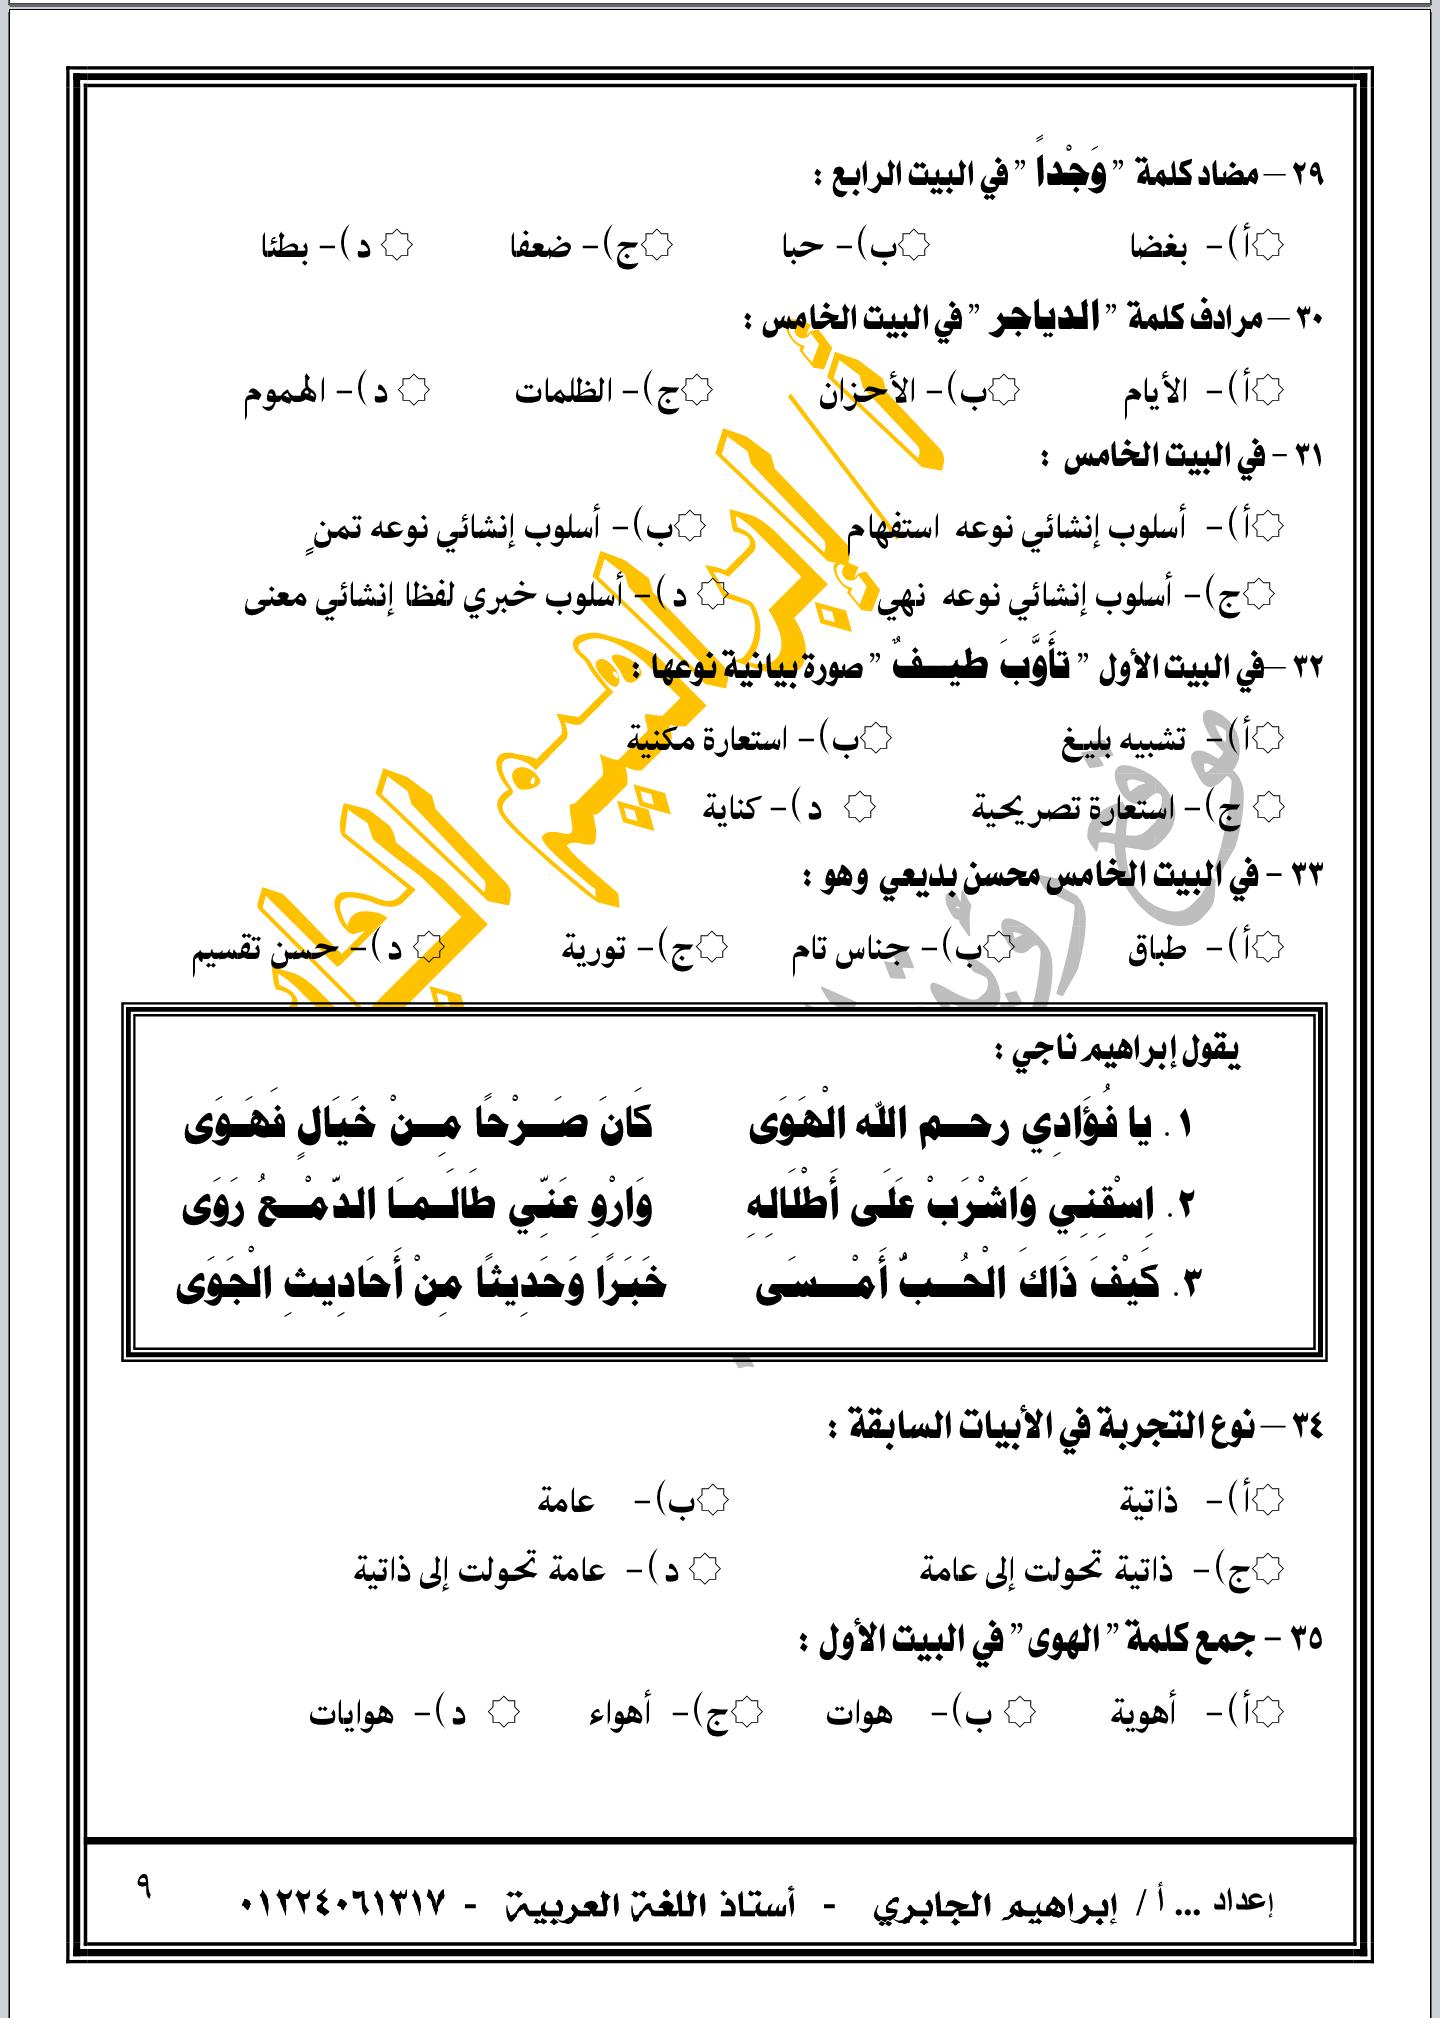 امتحان لغة عربية شامل للثانوية العامة نظام جديد 2021.. 70 سؤالا بالإجابات النموذجية Screenshot_%25D9%25A2%25D9%25A0%25D9%25A2%25D9%25A1-%25D9%25A0%25D9%25A4-%25D9%25A1%25D9%25A5-%25D9%25A0%25D9%25A1-%25D9%25A4%25D9%25A1-%25D9%25A3%25D9%25A0-1